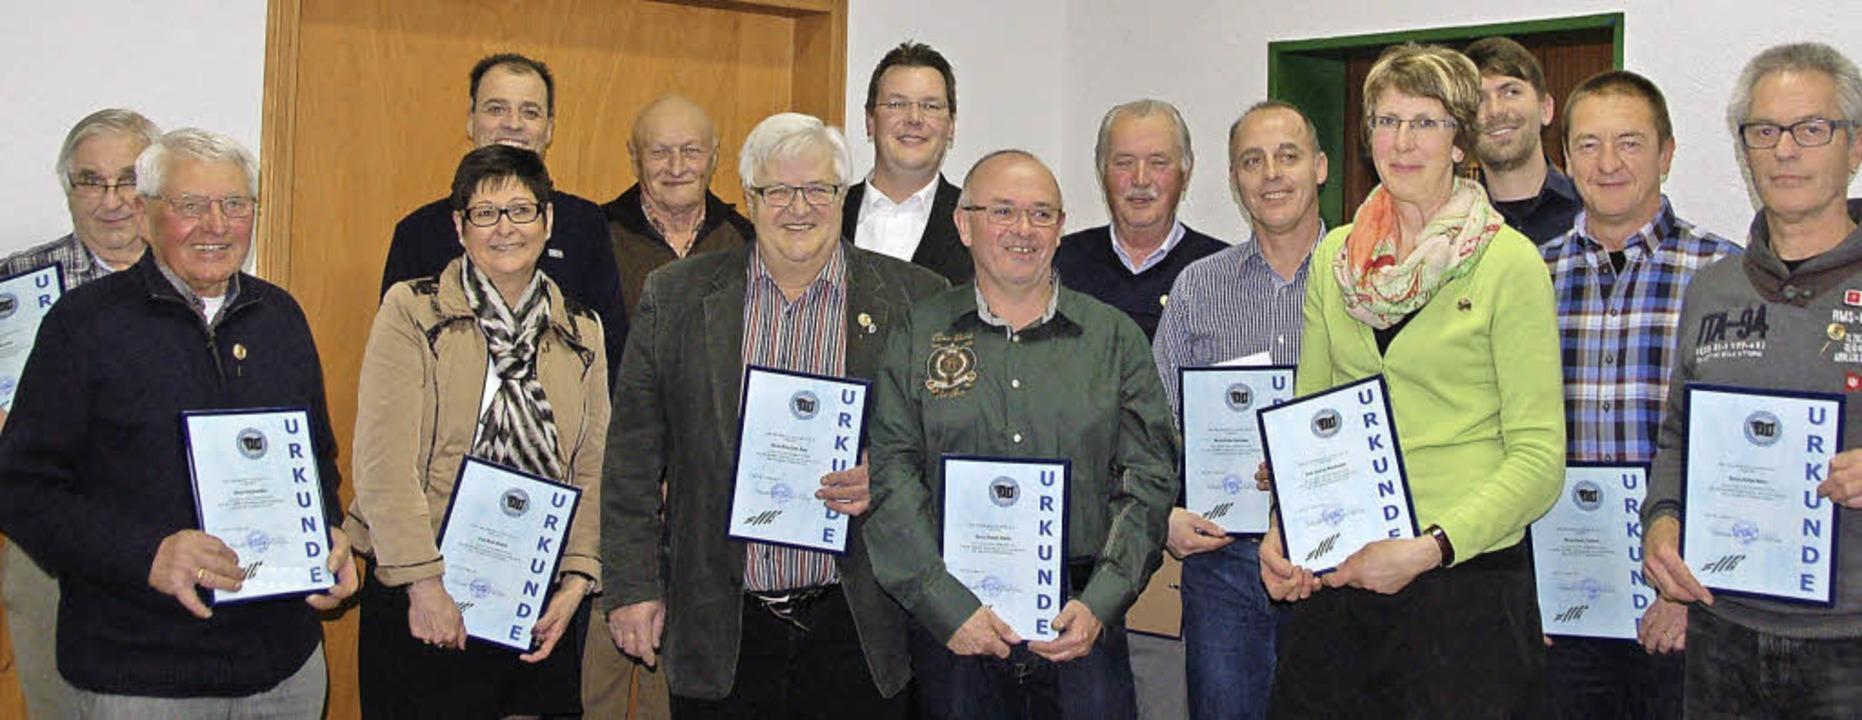 Gründungsmitglieder und 40 Jahre Aktive des Akkordeonclubs Reute wurden geehrt.   | Foto: Pia Grättinger